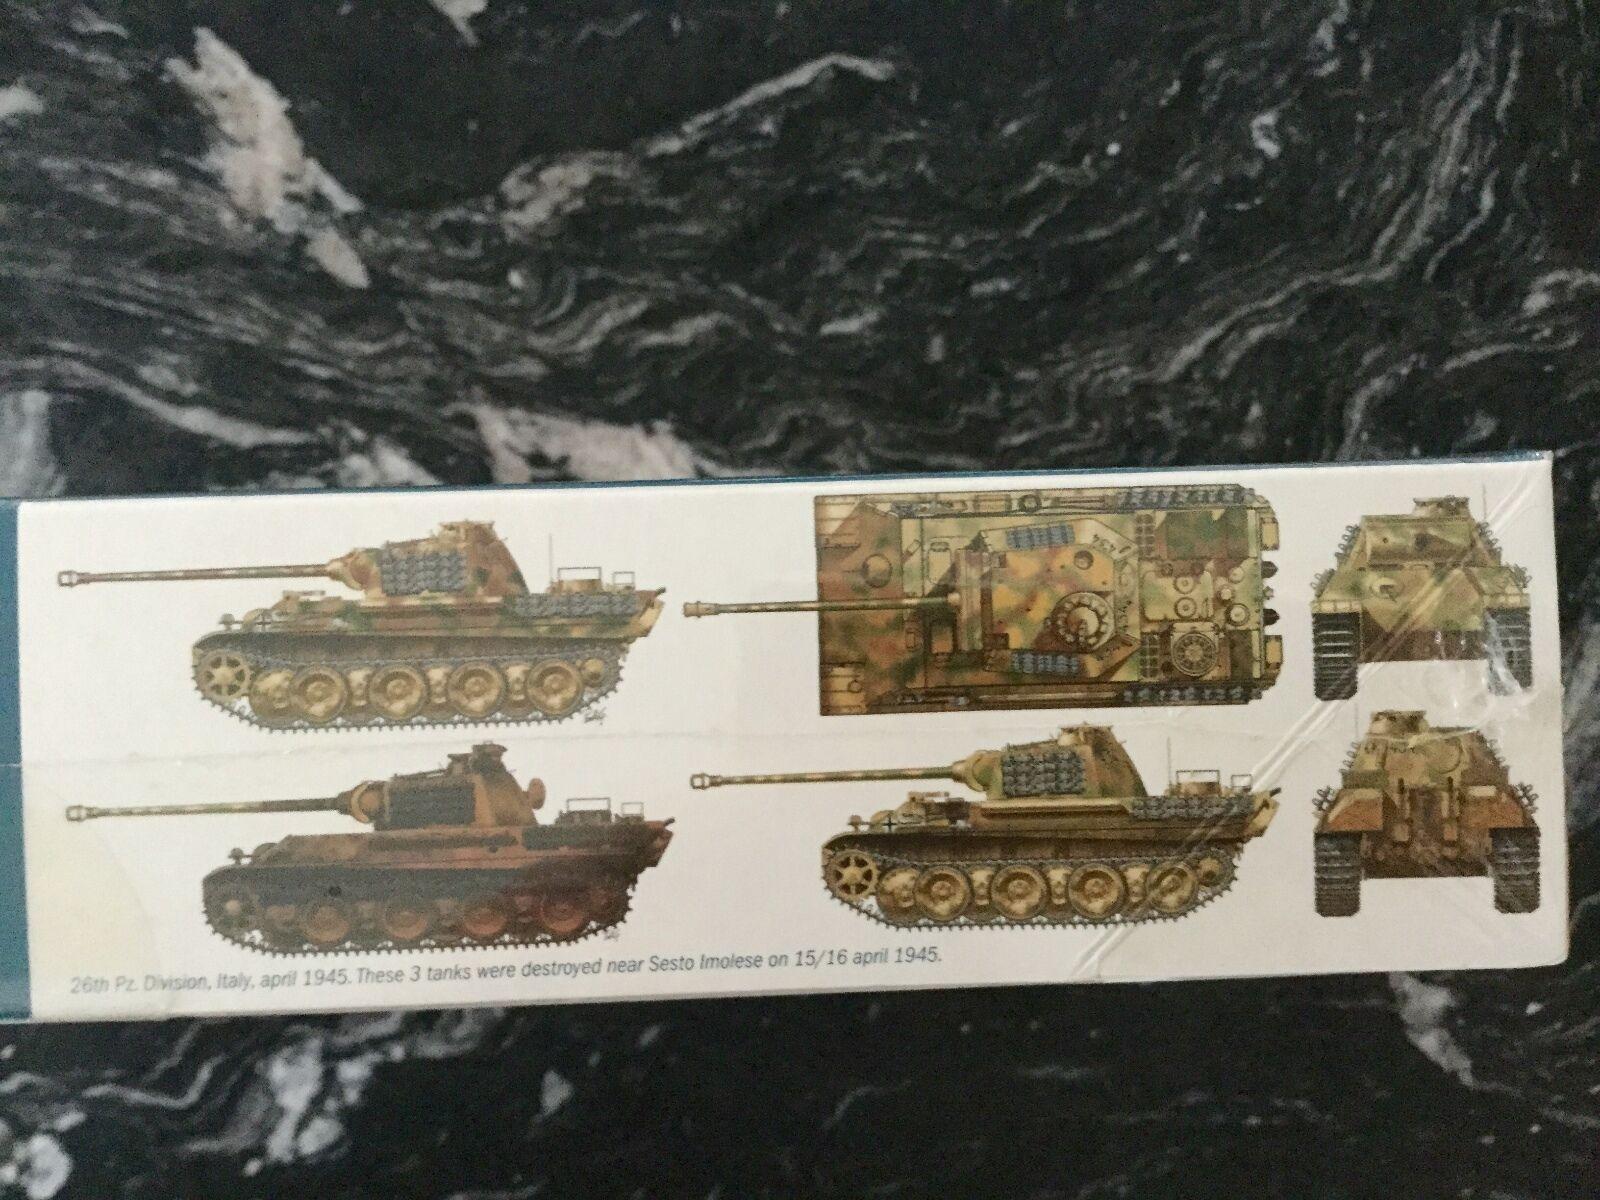 ITALERI 1 35 WW II II II GERMAN PZ. KPFW. V  PANTHER  AUSF G TANK MODEL KIT F S 60f65e